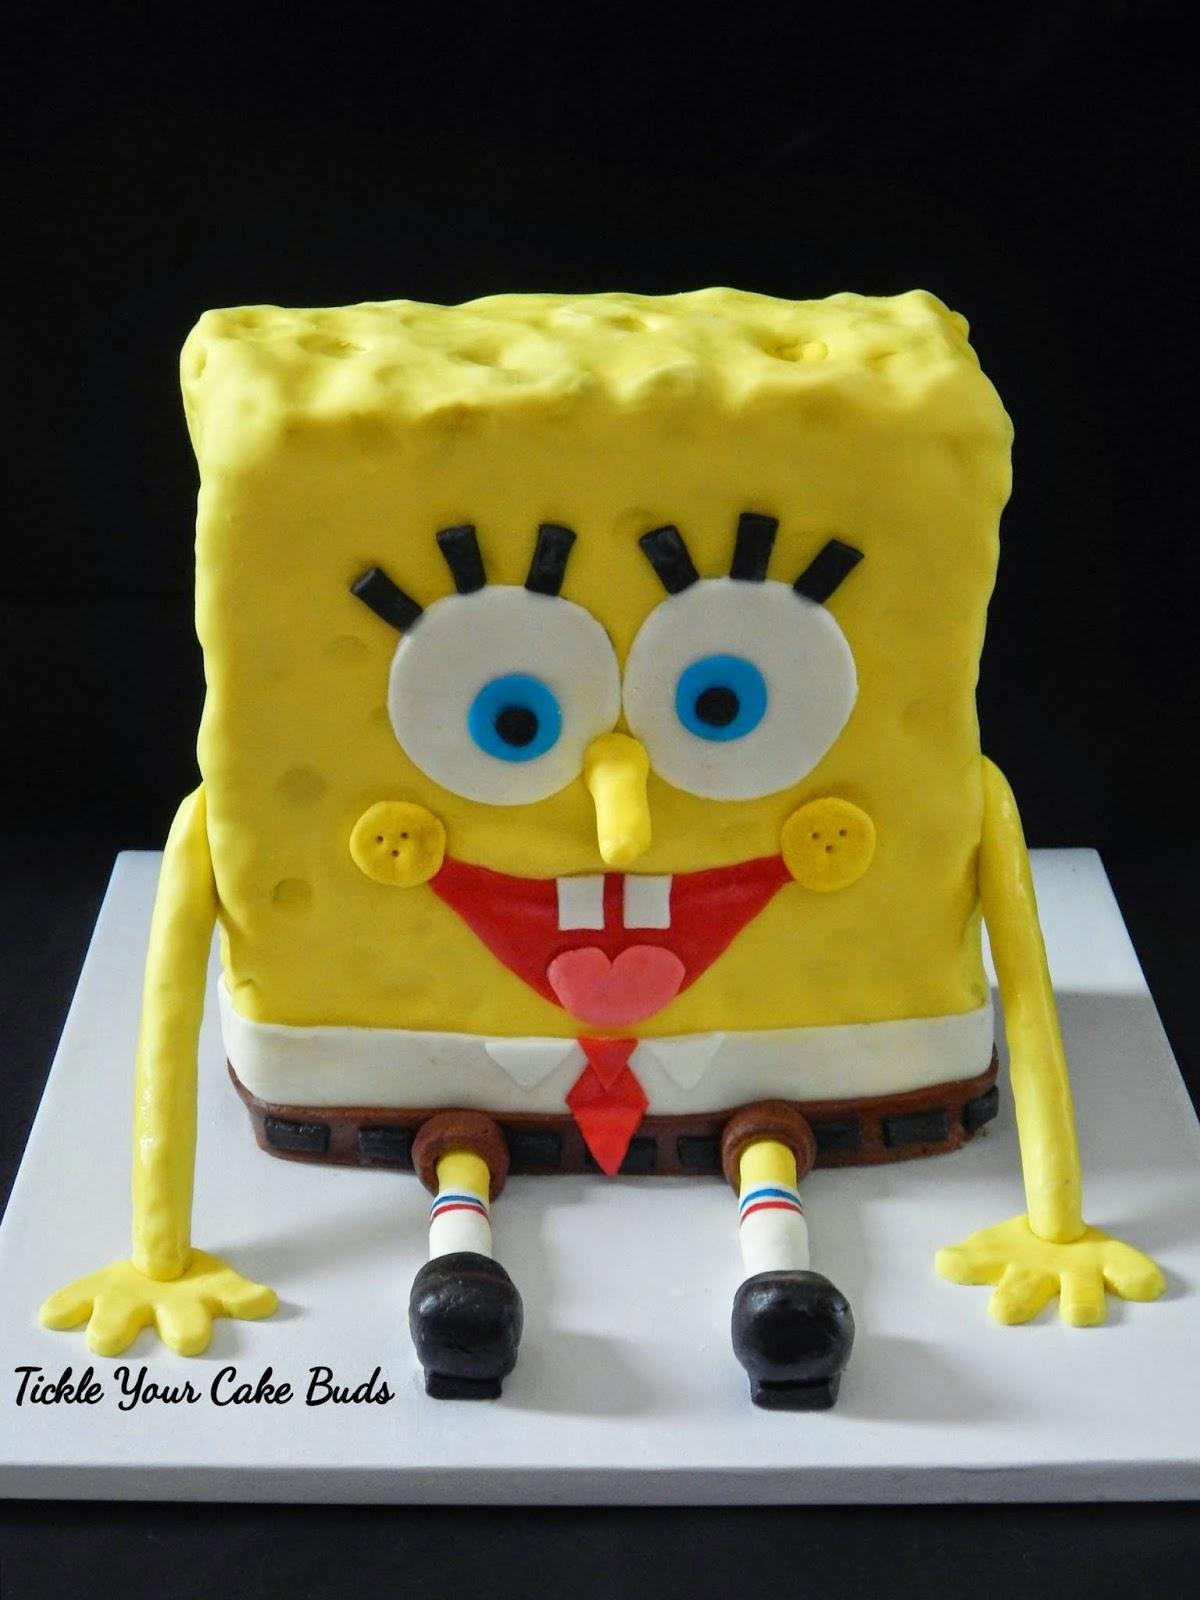 Tickle Your Cake Buds Spongebob Cake Amp Crabby Patty Cupcakes